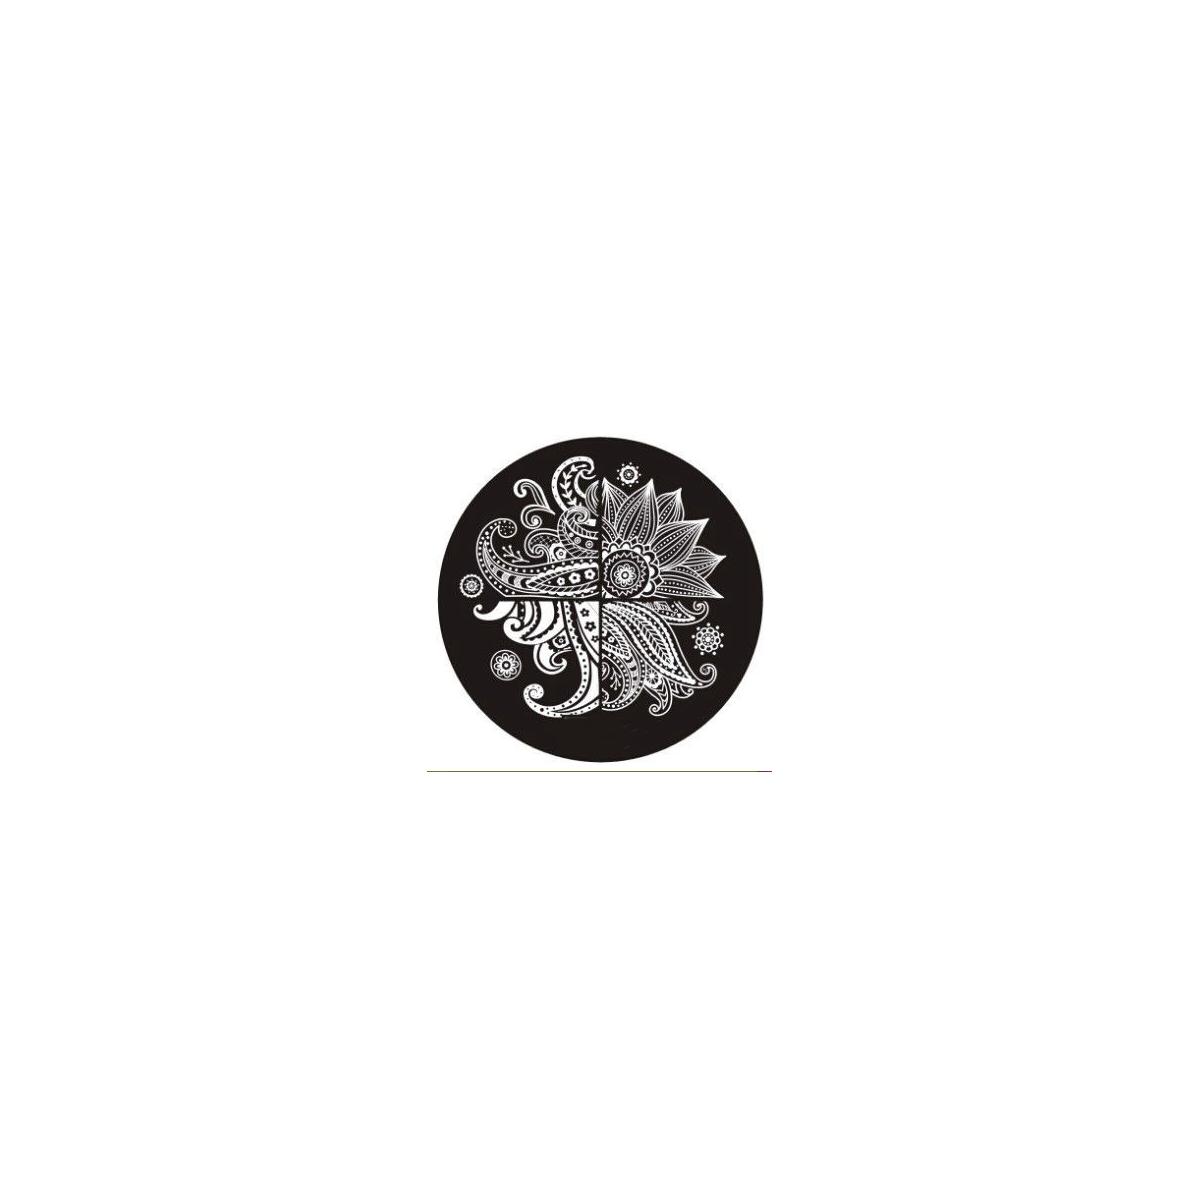 https://www.kit-manucure.com/1381-thickbox_default/plaque-de-stamping-arabesque-géante-et-fleur.jpg